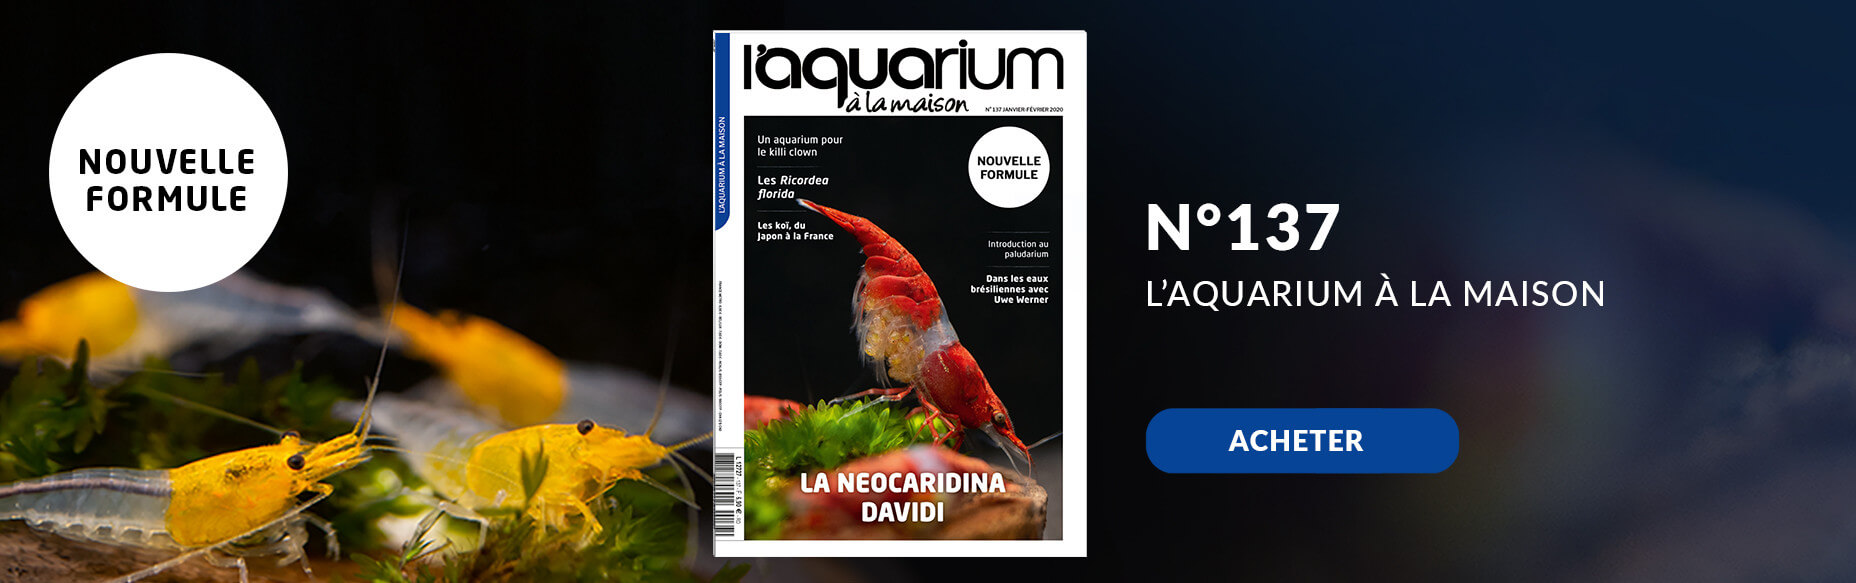 Découvrez la nouvelle formule de l'aquarium à la maison avec le nmr 137